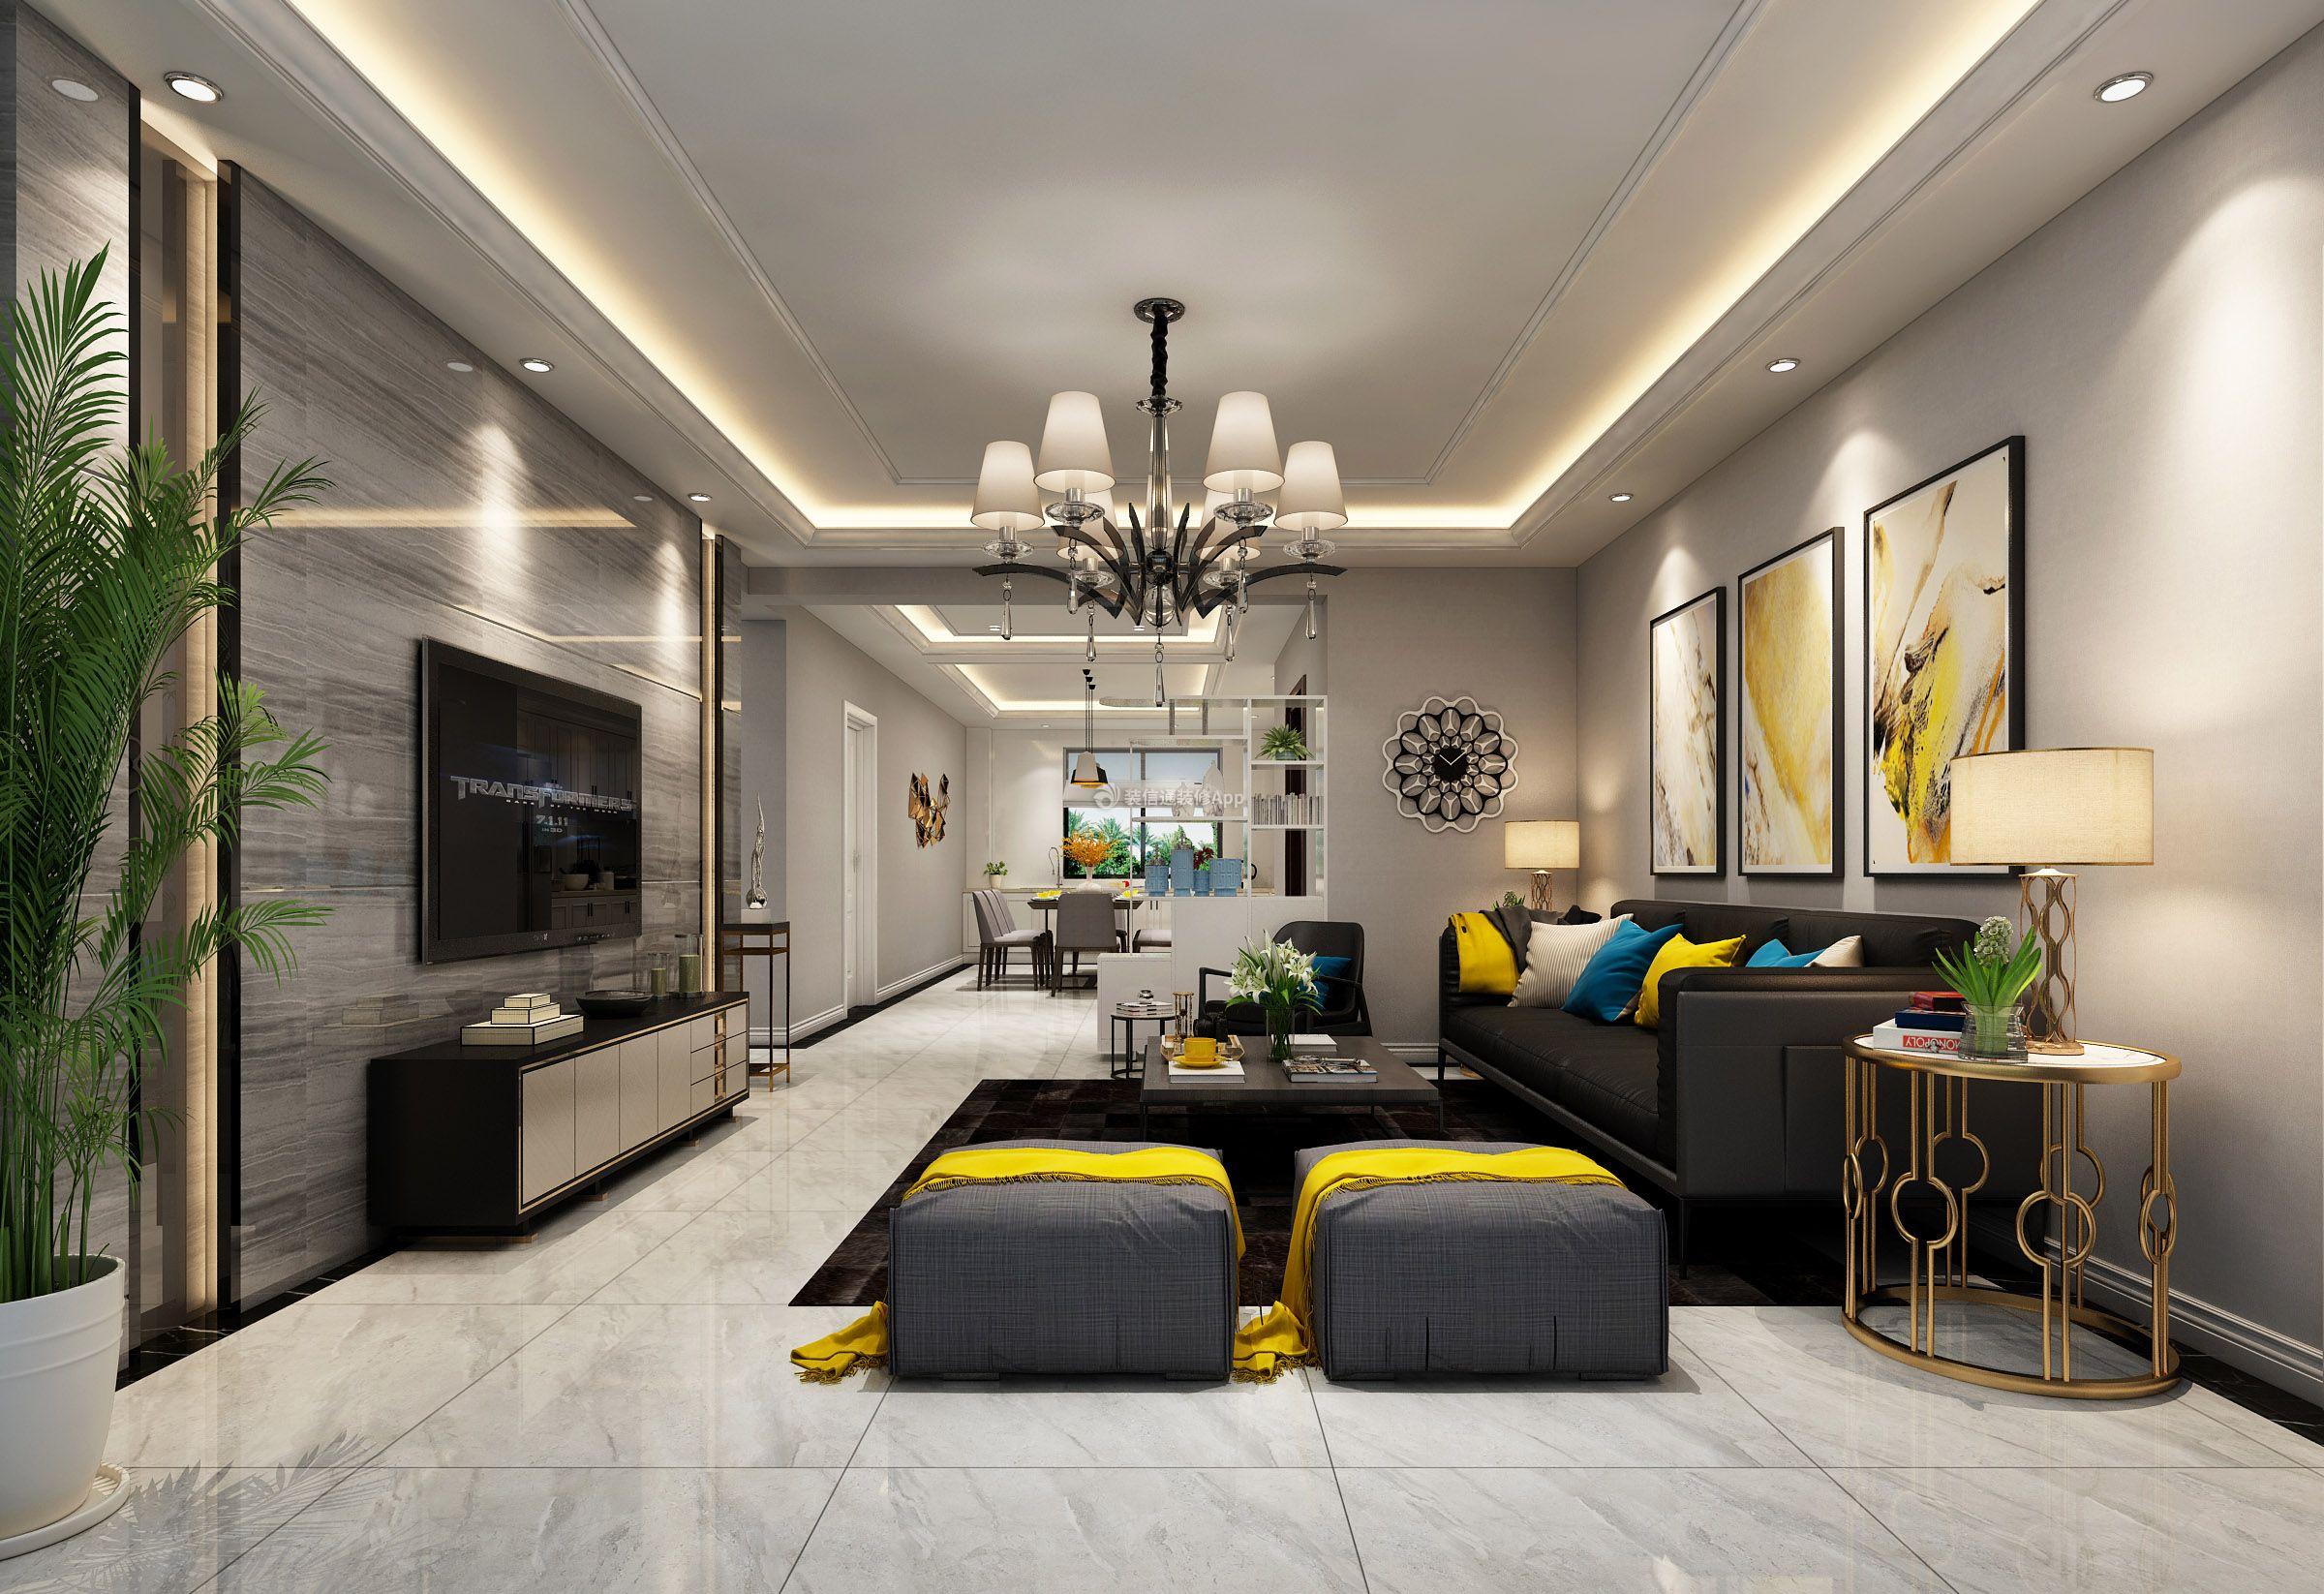 后现代客厅效果图 2019后现代客厅装修图片